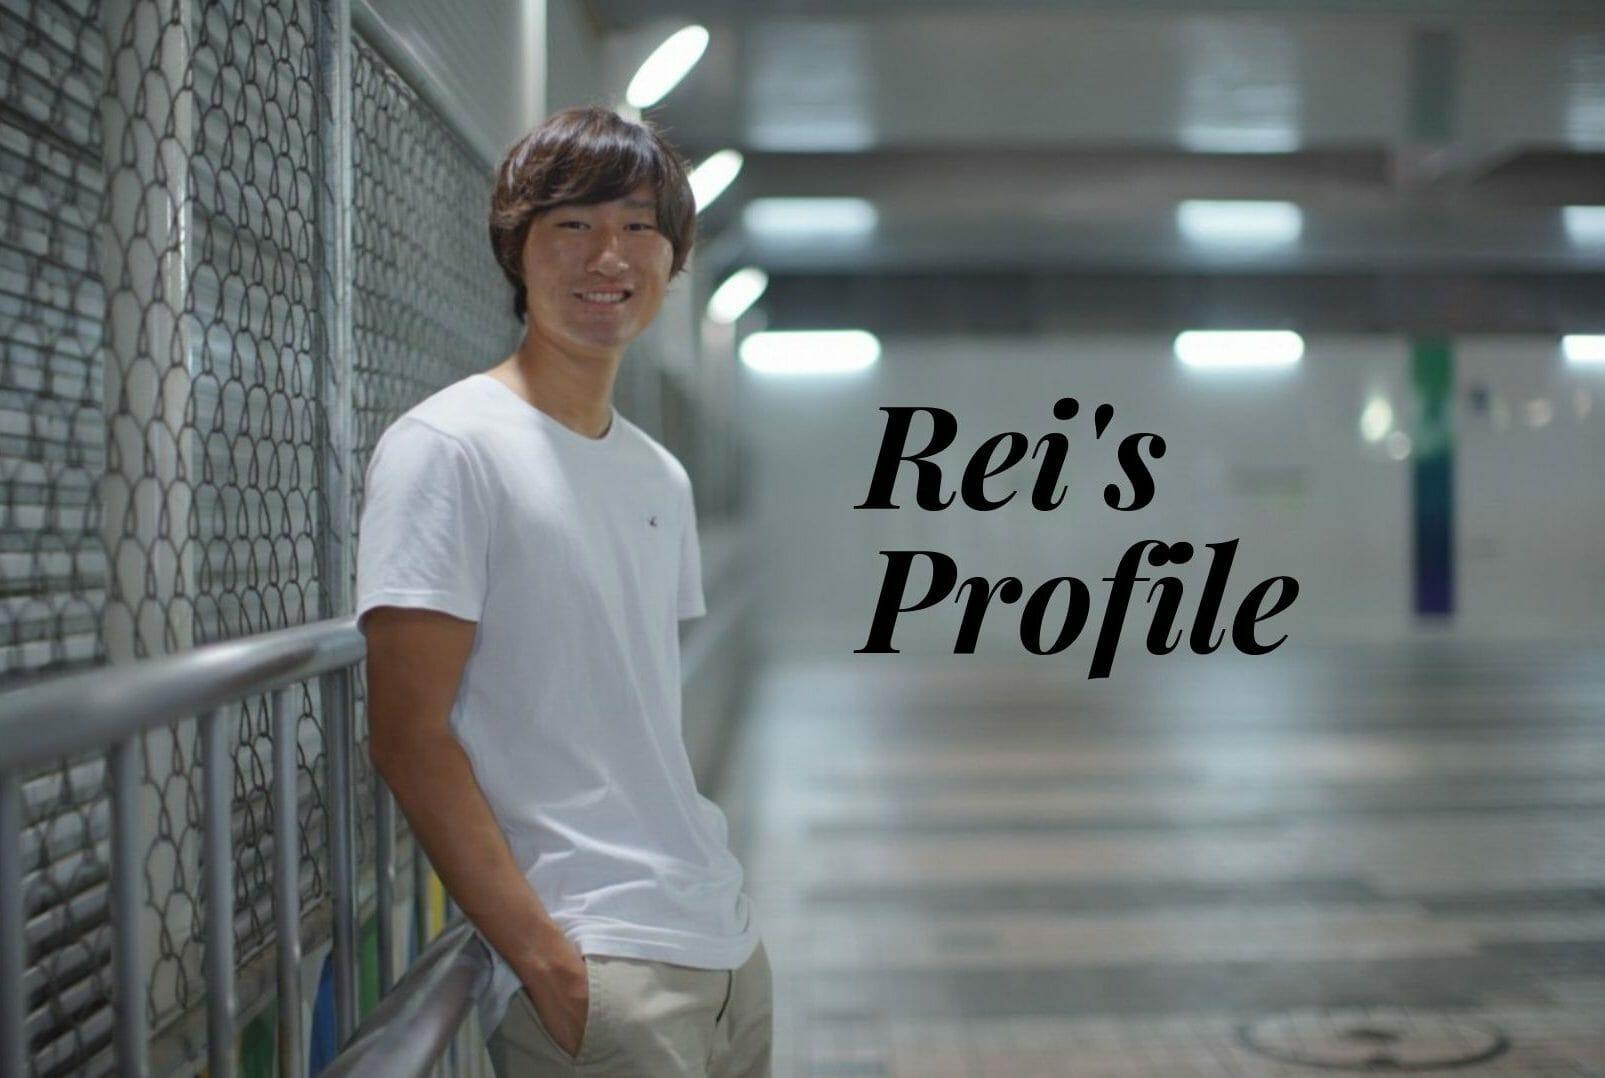 Reiのプロフィール | 英語で可能性を広げる